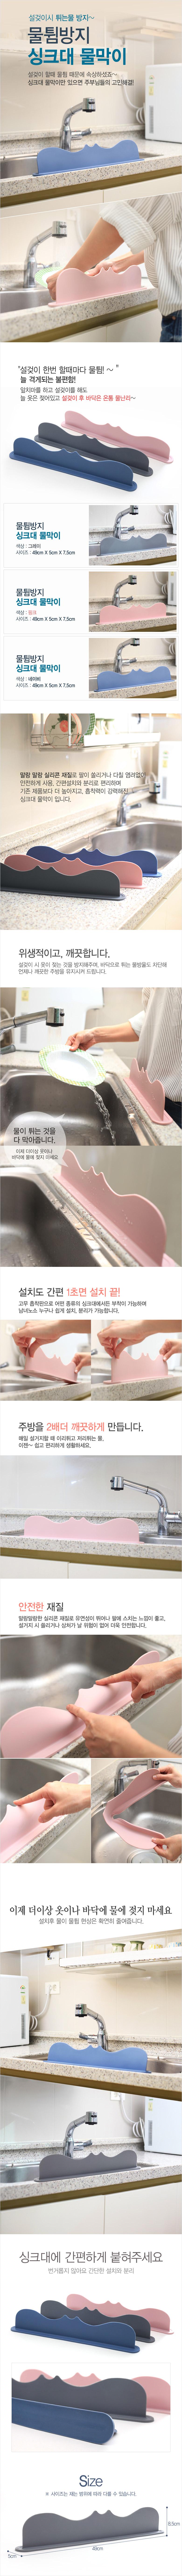 파스텔 실리콘 싱크대 물막이(고급형) - 구디푸디, 9,500원, 주방소품, 싱크대용품